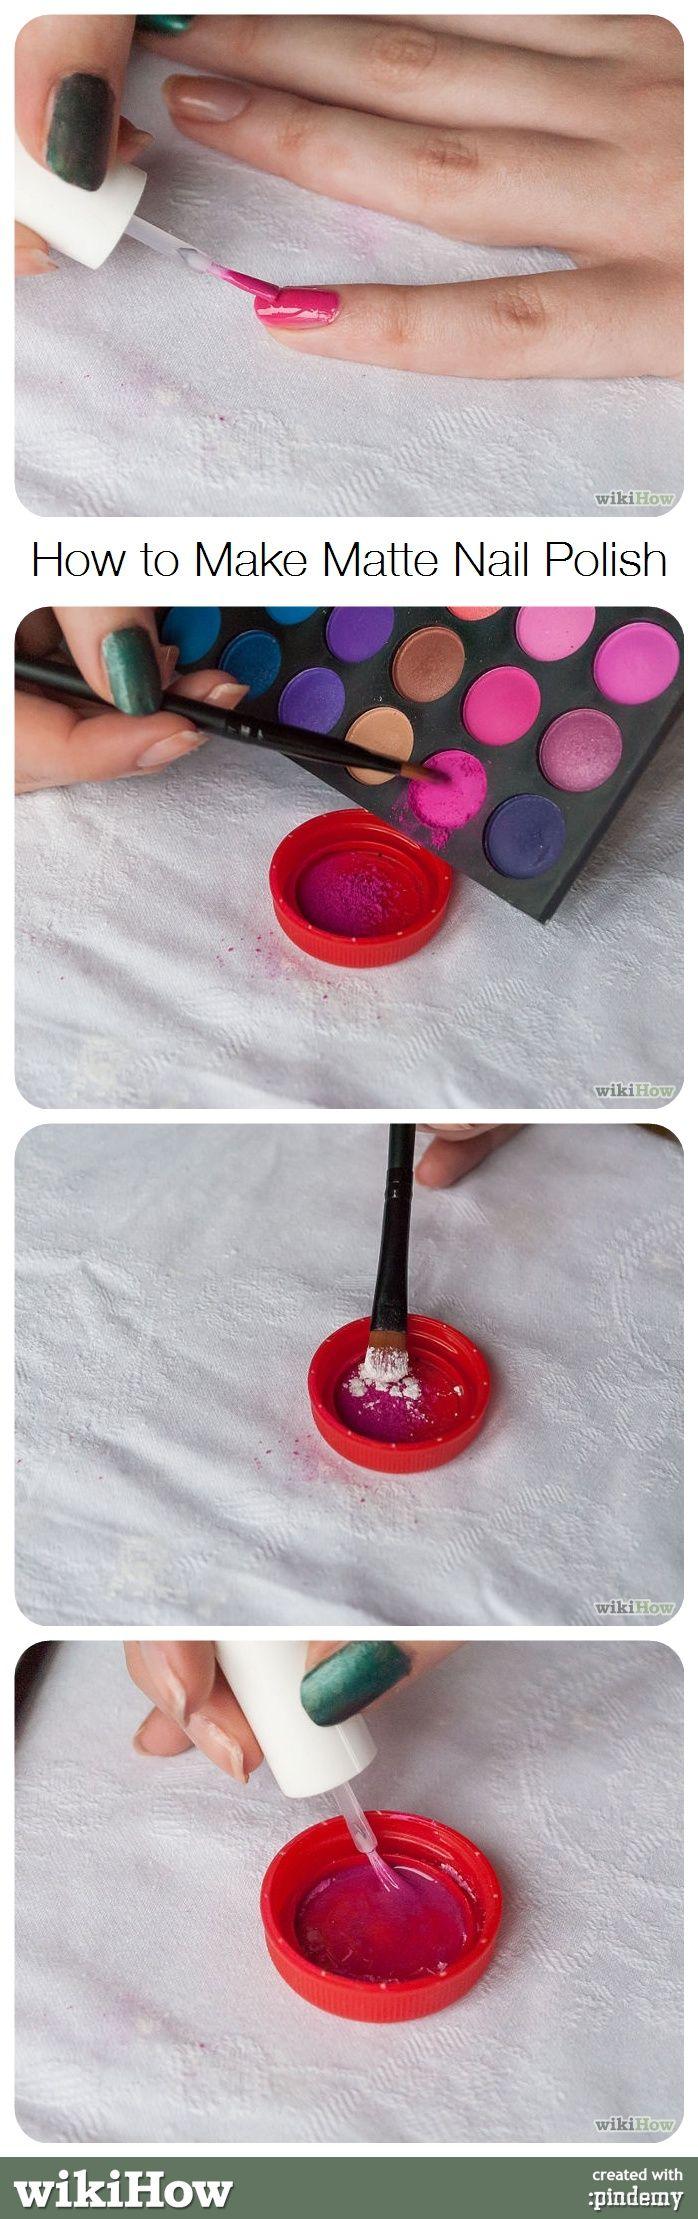 https://www.echopaul.com/ How to Make Matte Nail Polish